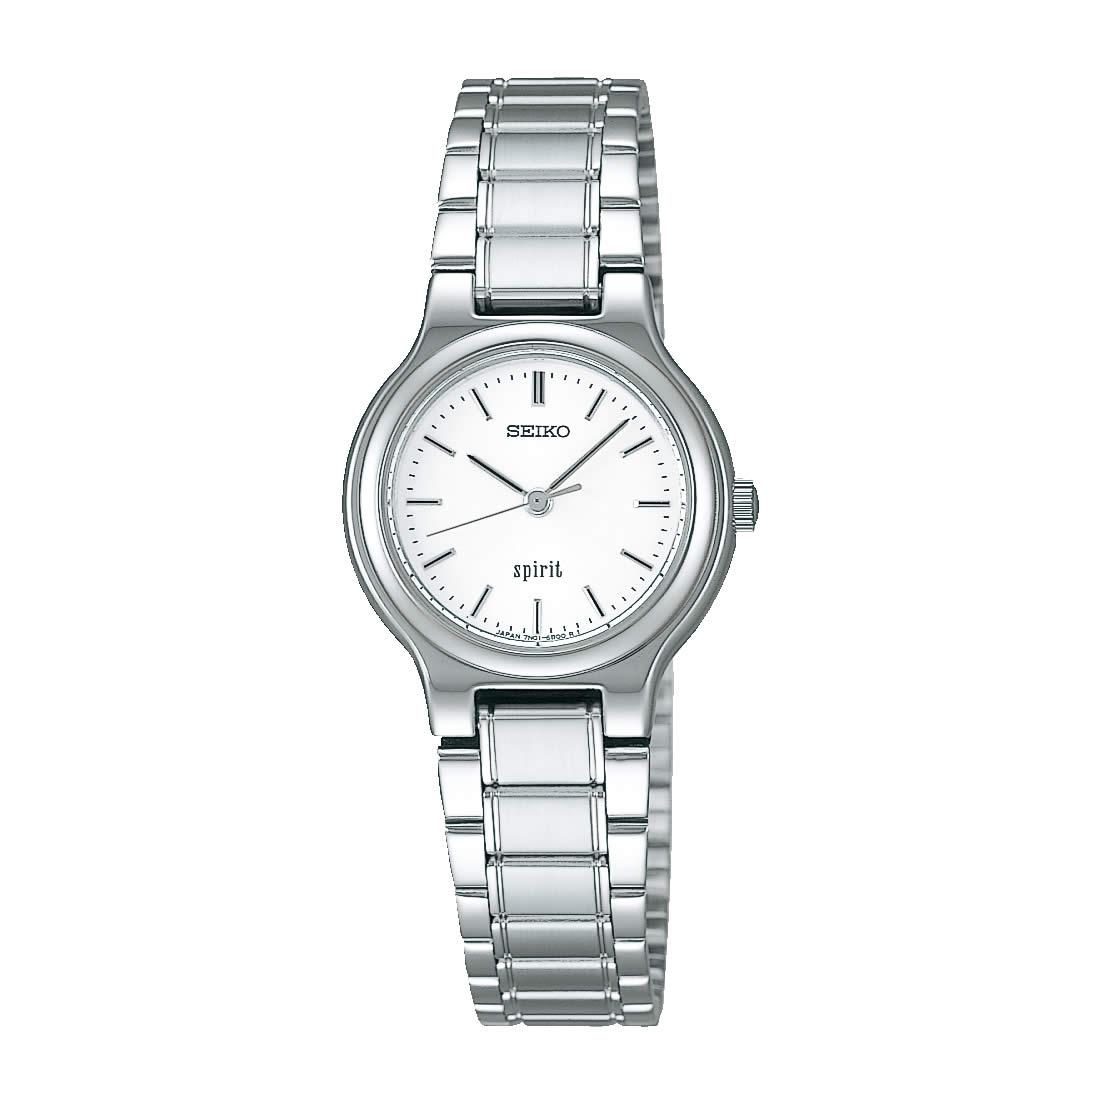 【送料無料】【国内正規品】セイコー スピリット SEIKO SPIRIT 腕時計 クオーツ レディース SSDN003 50M 5気圧防水 ビジネス シンプル クォーツ 薄型 薄い きれいめ 人気 うでどけい とけい WATCH 時計【取り寄せ】